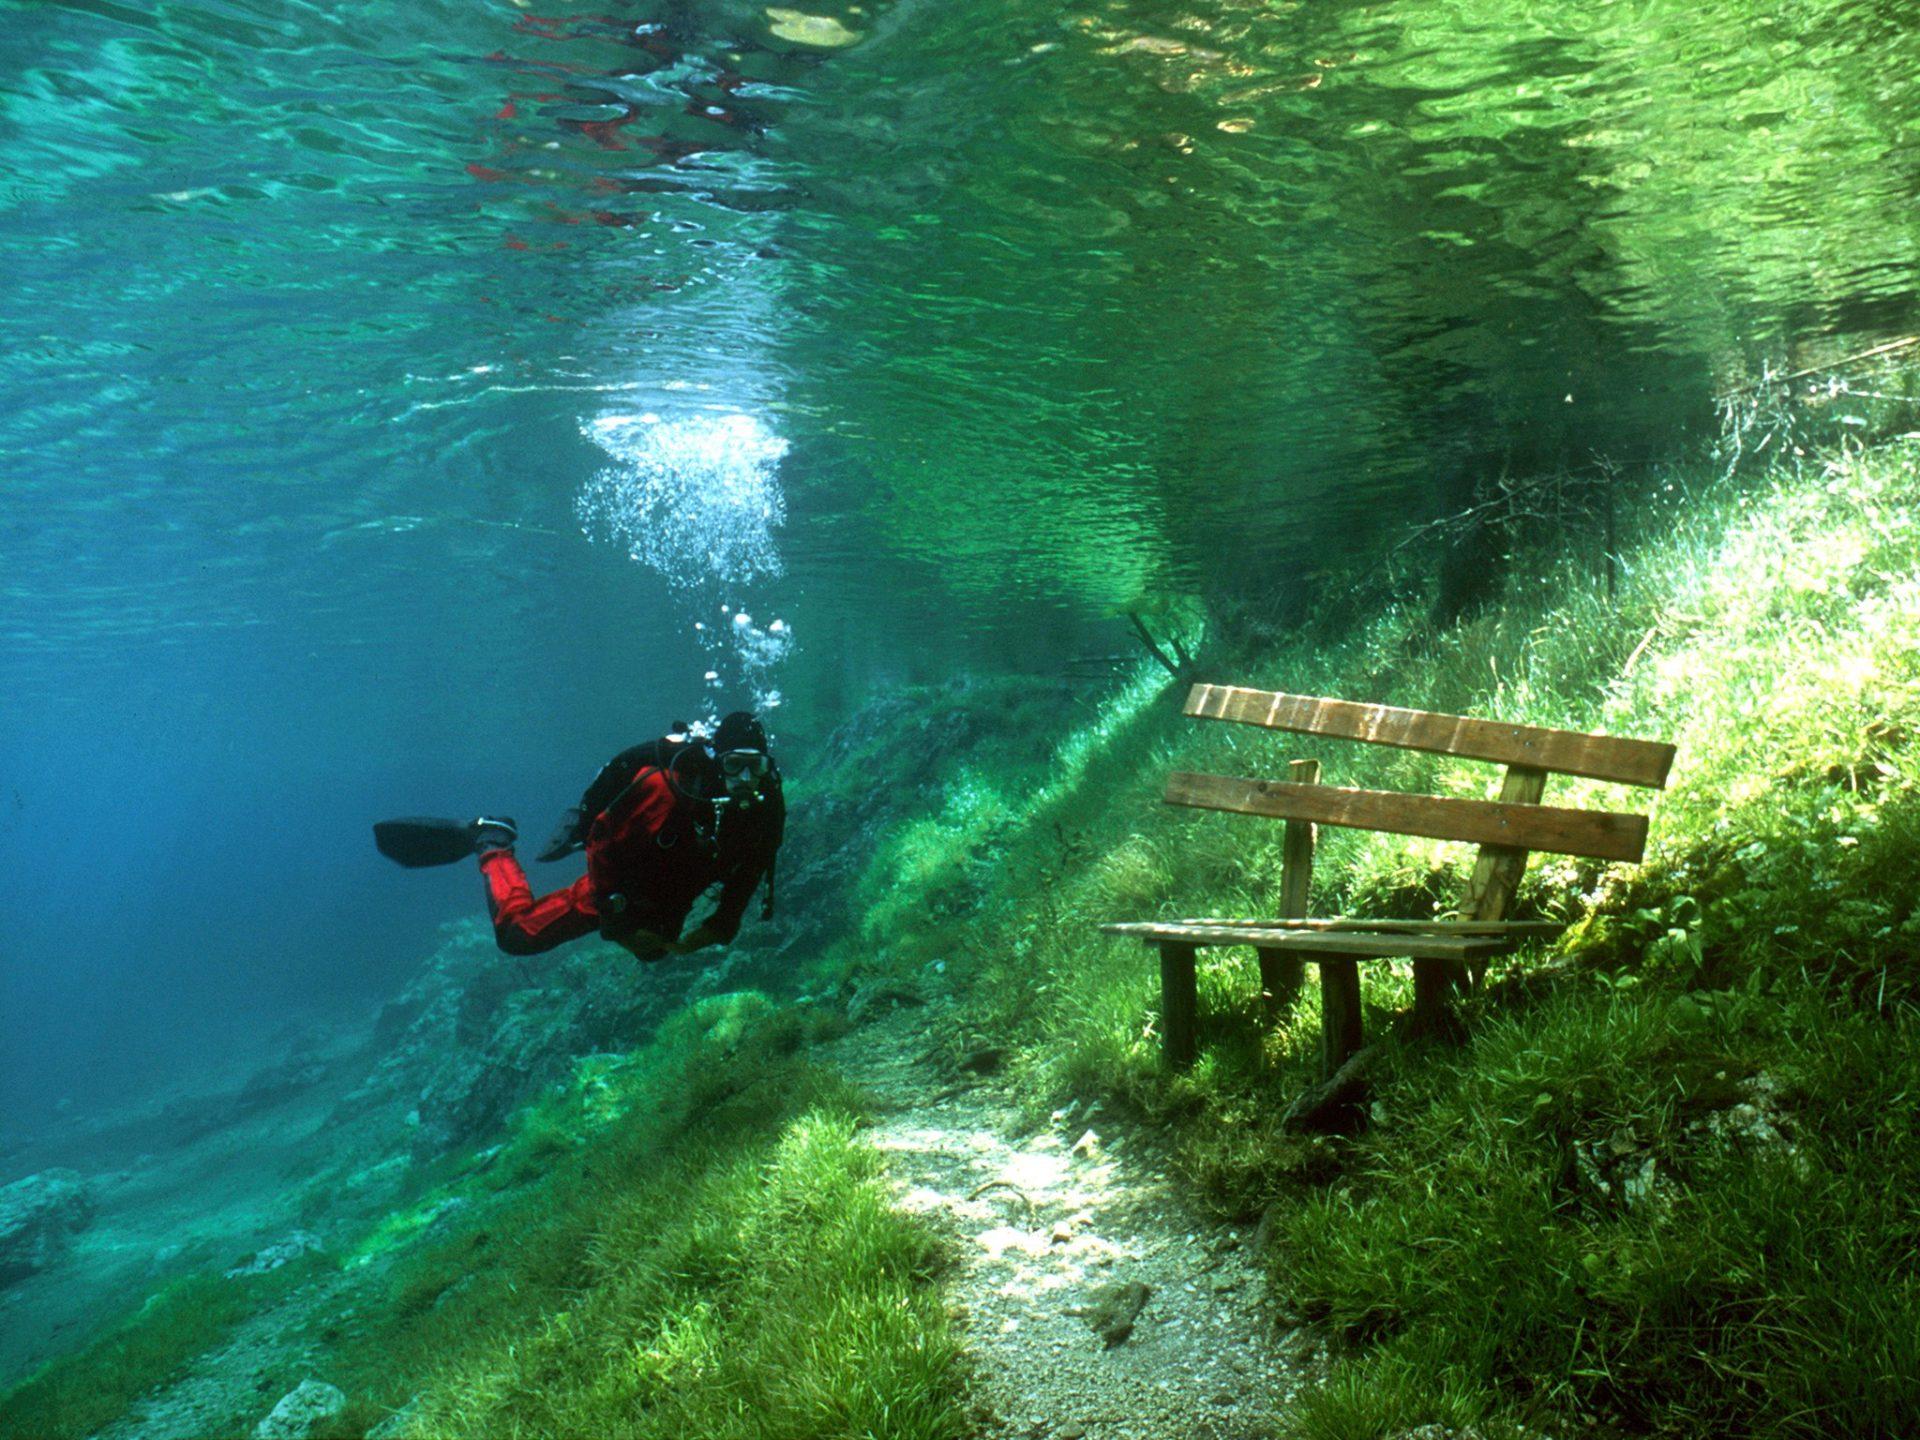 9. Зеленое озеро, Австрия.